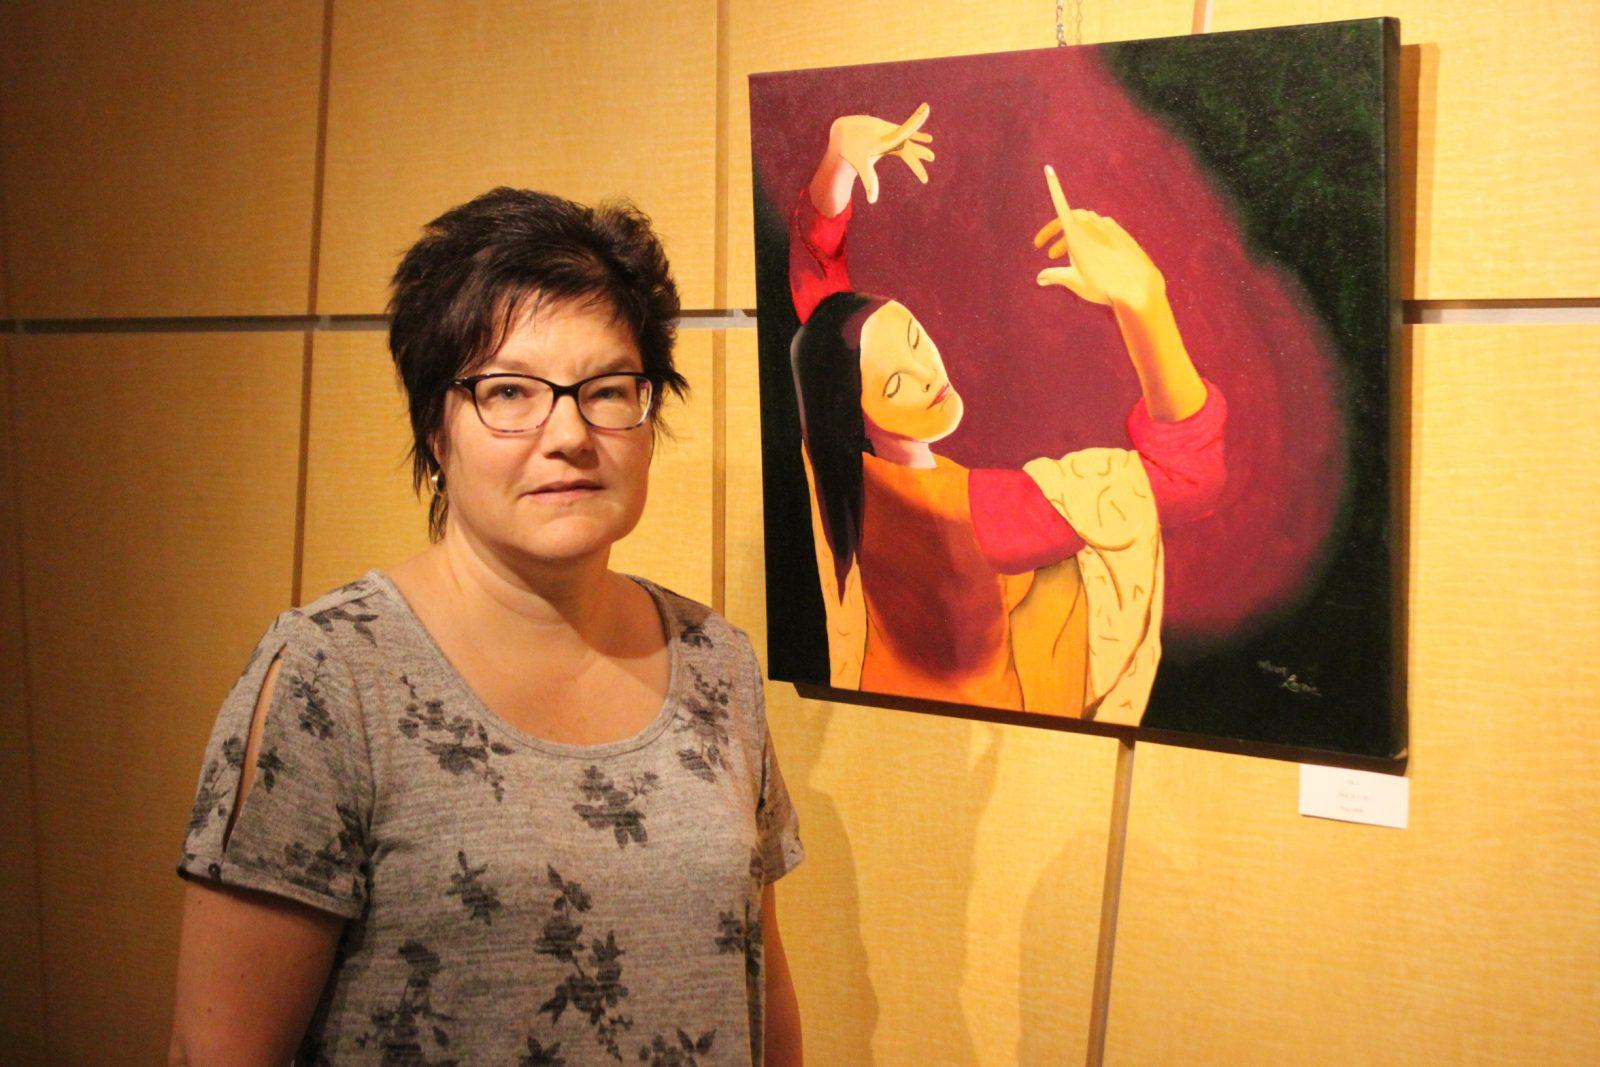 Manon Lavoie: Des œuvres colorées proposées